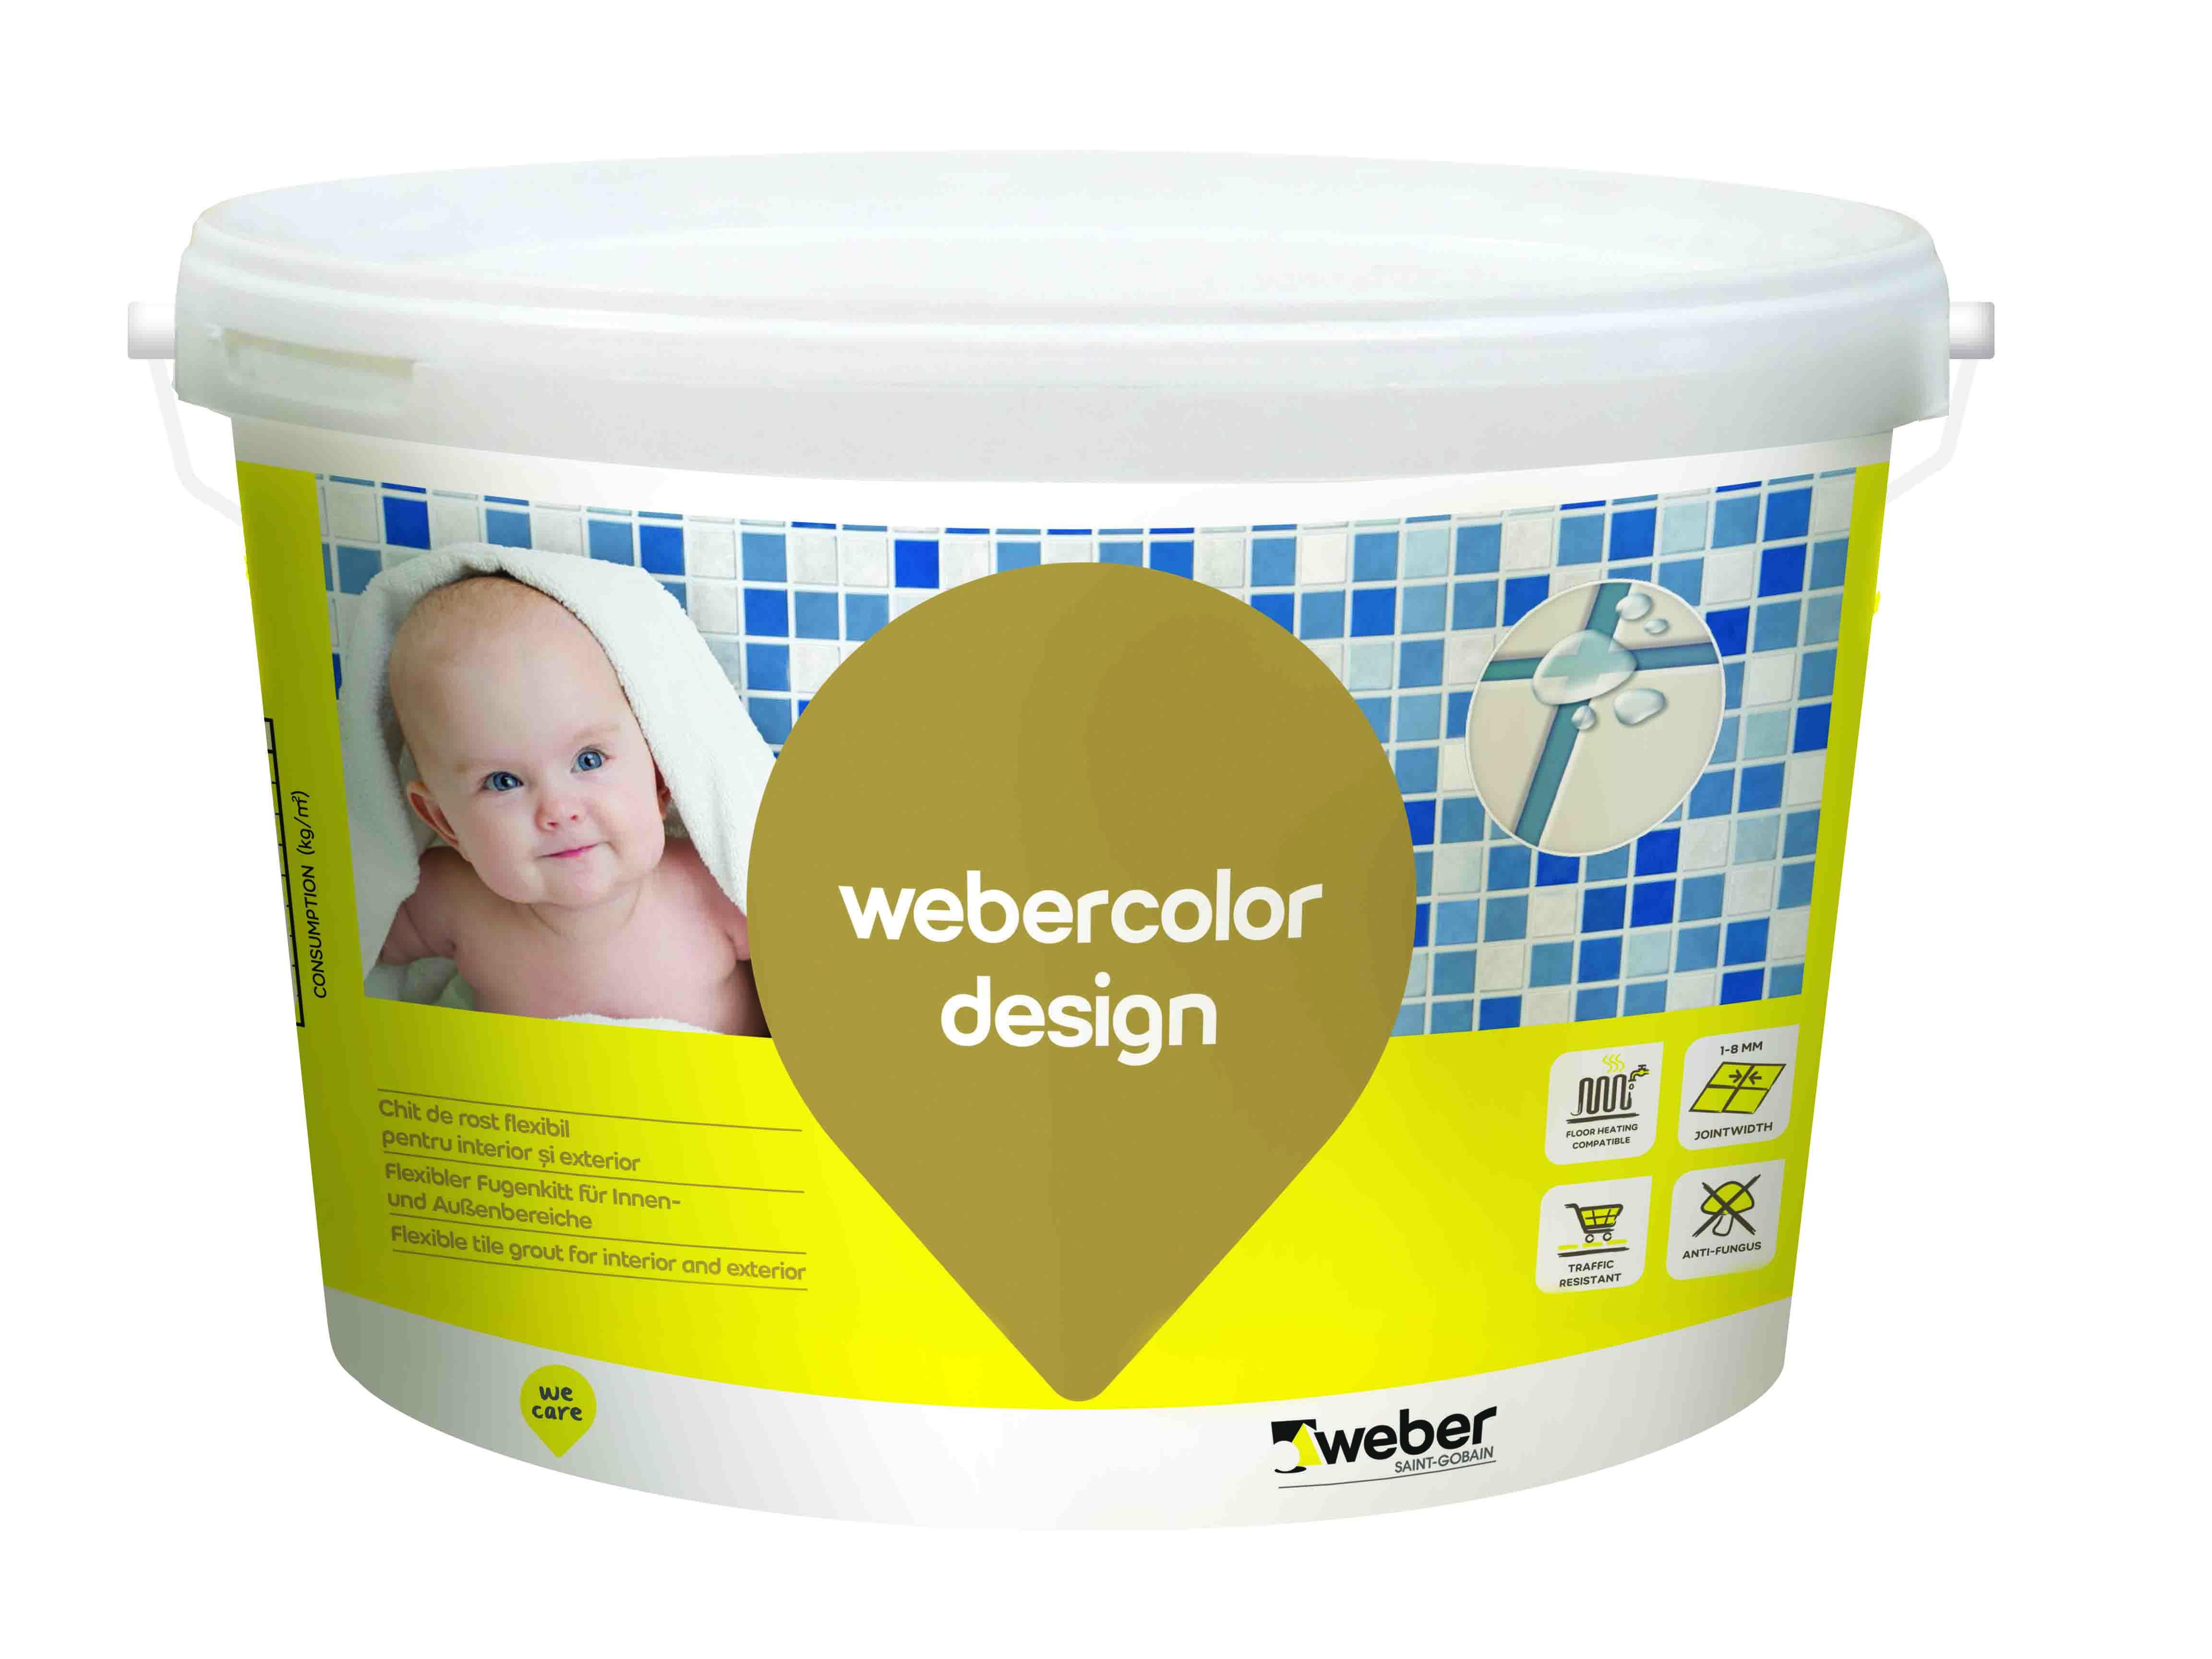 Chit pt rosturi Fuga Weber design marble 5 kg